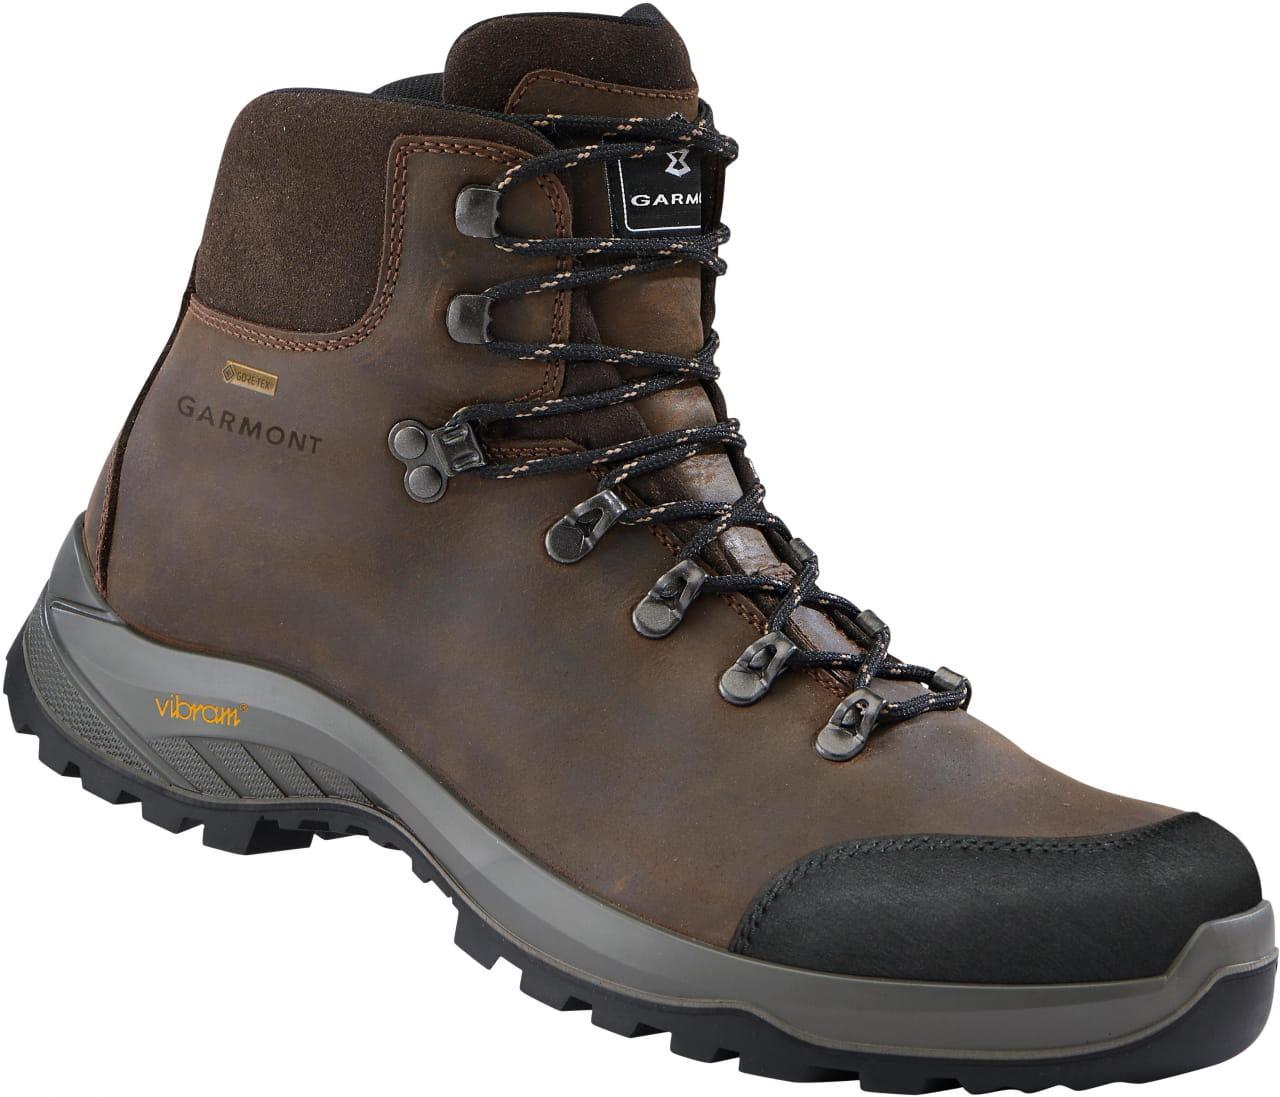 Pánská outdoorová obuv Garmont Syncro Light Plus Gtx